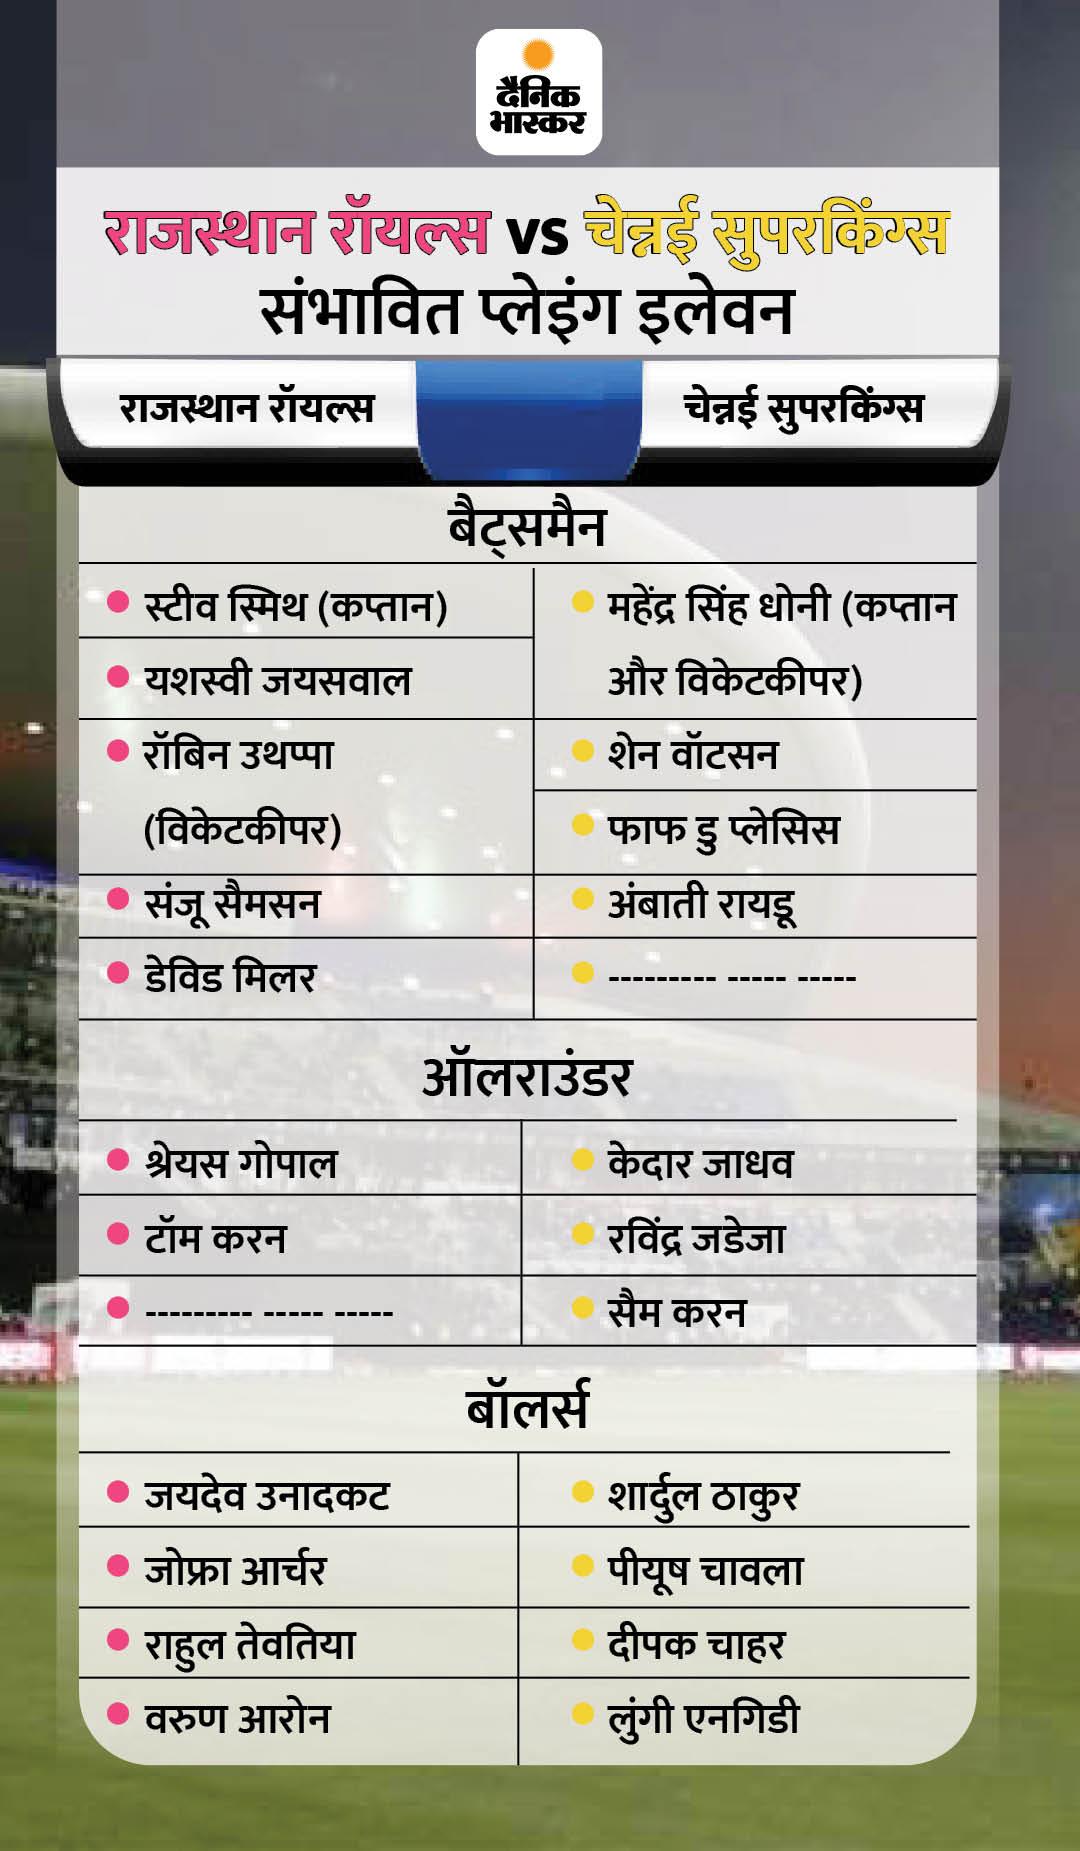 धोनी के खिलाफ पिछले 5 में से एक ही मुकाबला जीत सकी रॉयल्स; रेग्युलर कप्तान स्टीव स्मिथ के साथ उतरेगी टीम, स्टोक्स और बटलर नहीं खेलेंगे